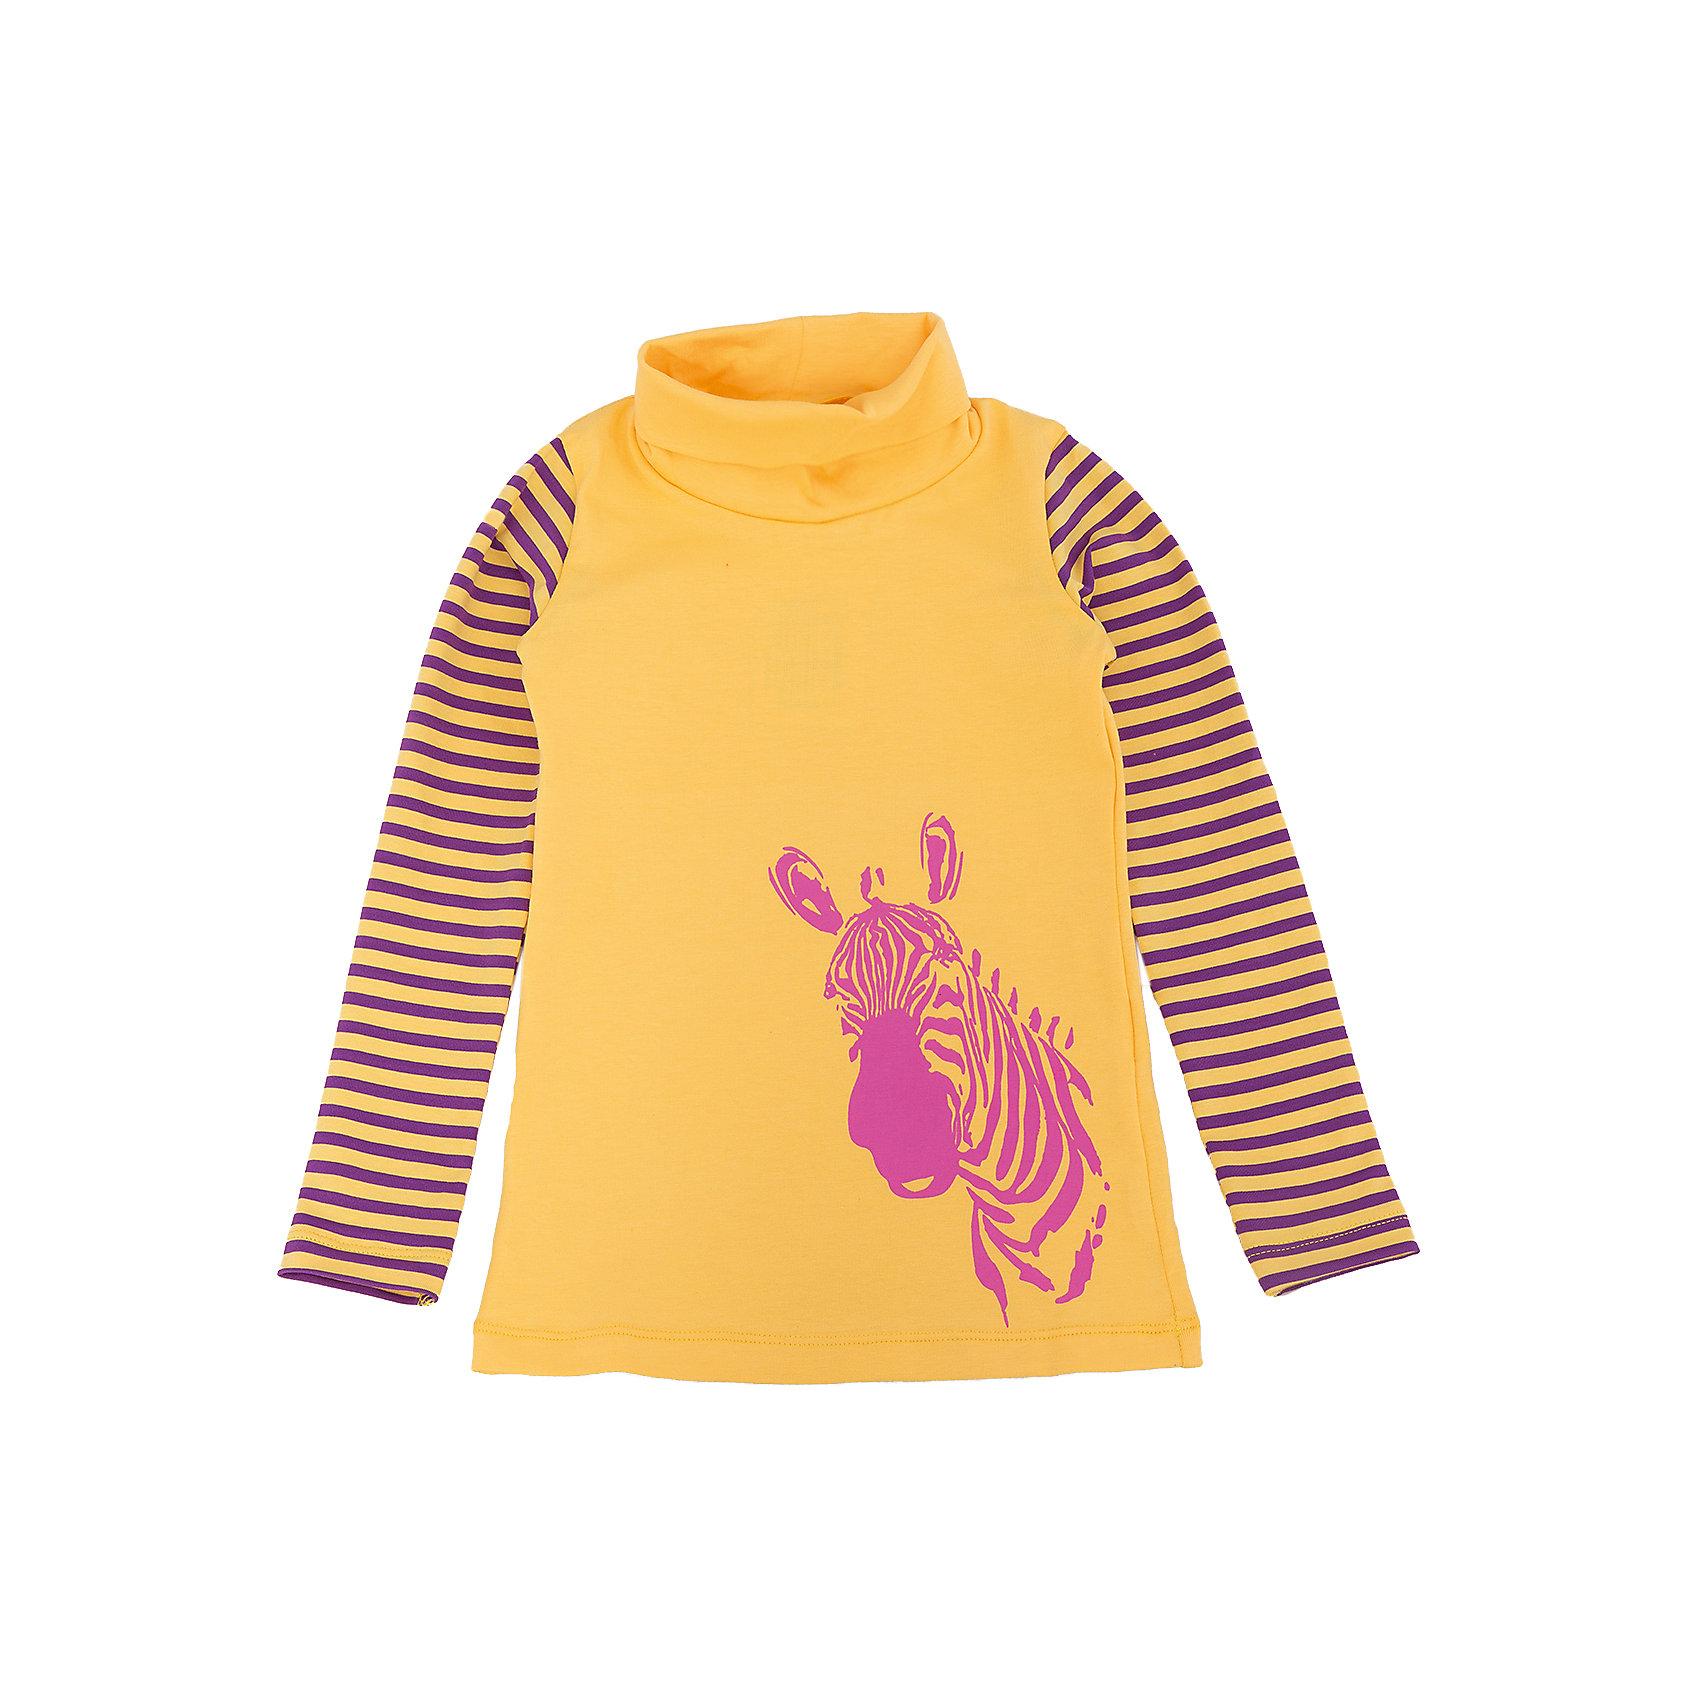 Джемпер для девочки DAUBERДжемпер для девочки DAUBER<br><br>Характеристики:<br><br>• Состав: 95%хлопок, 5% лайкра.<br>• Цвет: желтый.<br>• Материал: трикотаж.<br><br>Джемпер для девочки от российского бренда DAUBER.<br>Модный трикотажный джемпер желтого цвета выполнен из хлопкового трикотажа. Джемпер украшен оригинальным фиолетовым принтом в виде головы зебры и полосками на рукавах. Данная модель имеет высокую горловину. В таком джемпере ваша девочка будет чувствовать себя комфортно и уютно как дома, так и на улице.<br><br>Джемпер для девочки DAUBER, можно купить в нашем интернет - магазине.<br><br>Ширина мм: 190<br>Глубина мм: 74<br>Высота мм: 229<br>Вес г: 236<br>Цвет: желтый<br>Возраст от месяцев: 48<br>Возраст до месяцев: 60<br>Пол: Женский<br>Возраст: Детский<br>Размер: 110,104,98,116<br>SKU: 4953326